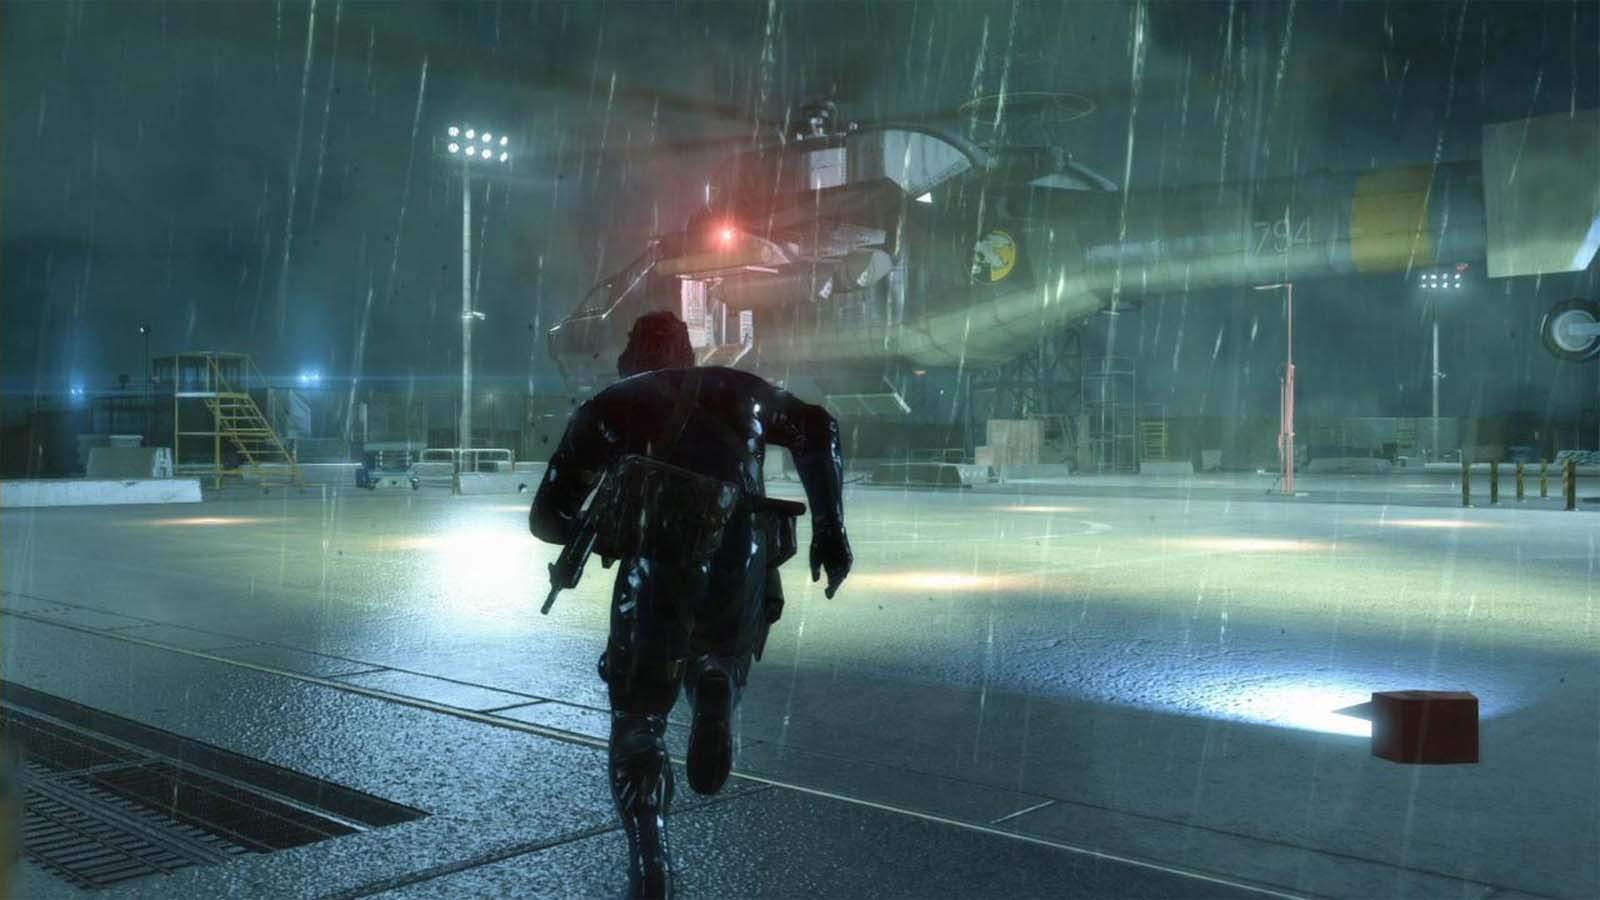 تحميل لعبة Metal Gear Solid V Ground Zeroes مضغوطة برابط واحد مباشر + تورنت كاملة مجانا